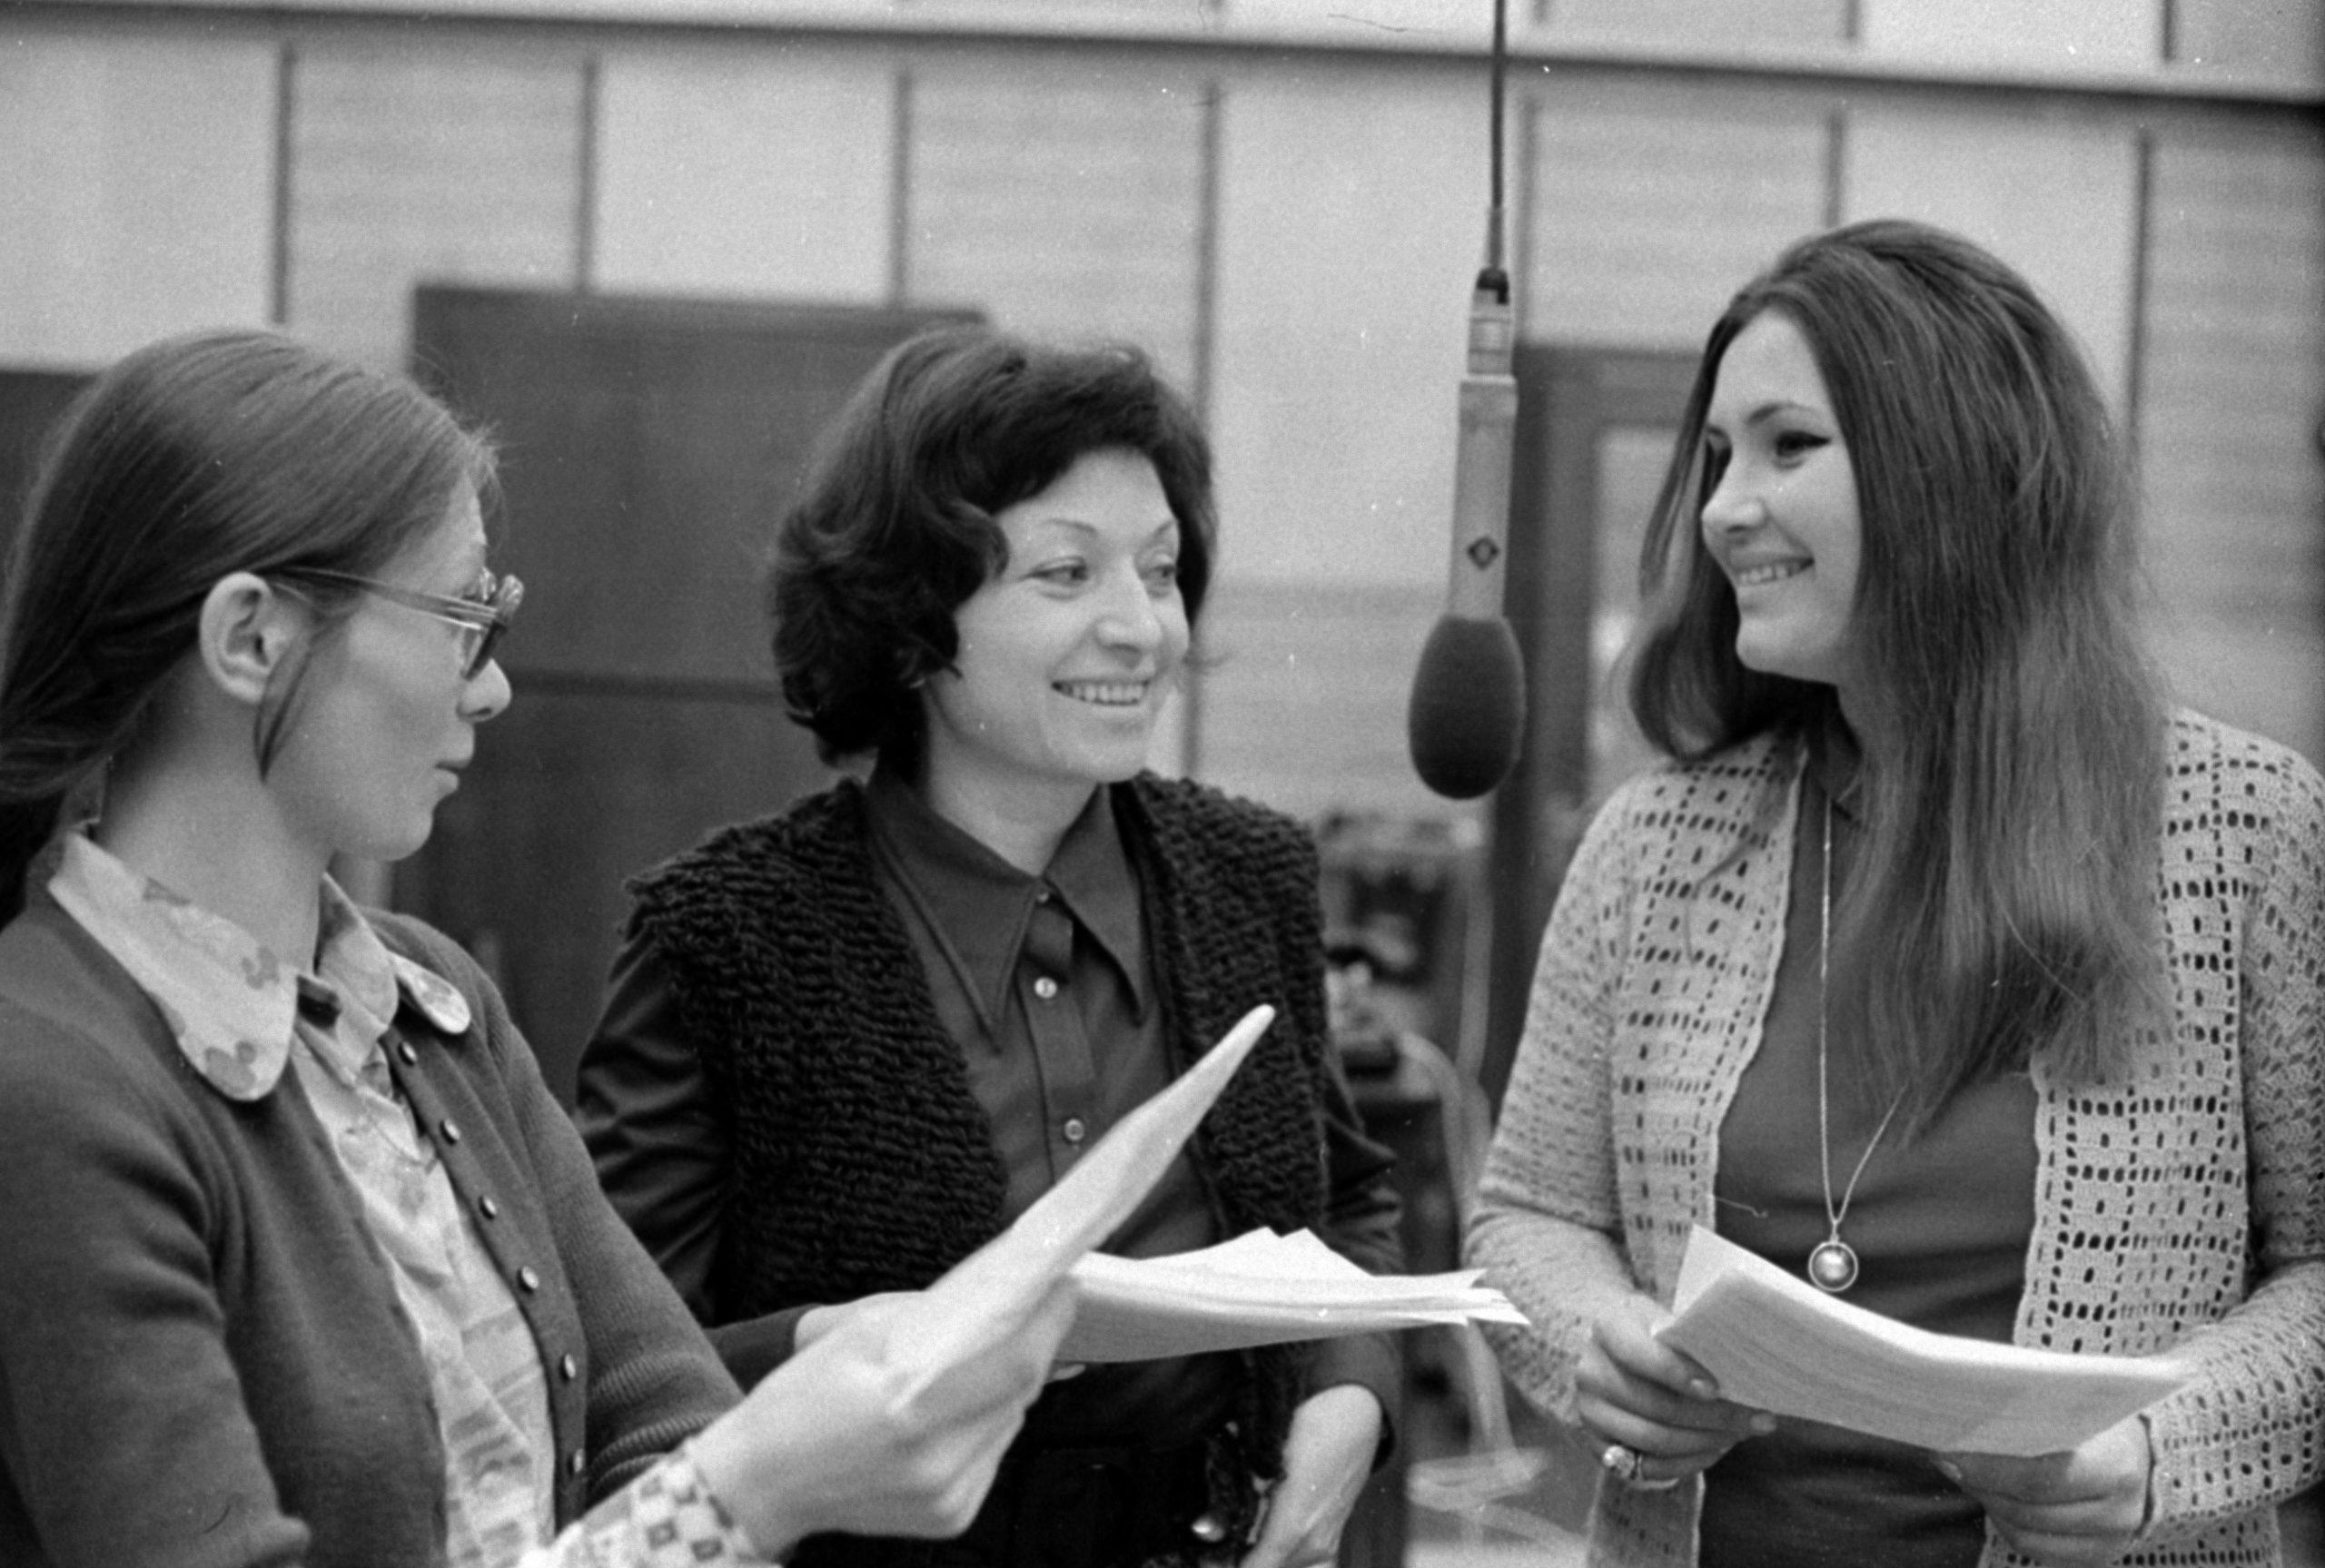 1973-ban a Magyar Rádió stúdiója Hubay Miklós Párkák című hangjátékának felvételén. Bodnár Erika, Kohut Magda és Pécsi Ildikó színművészek. Fortepan/ Szalay Zoltán